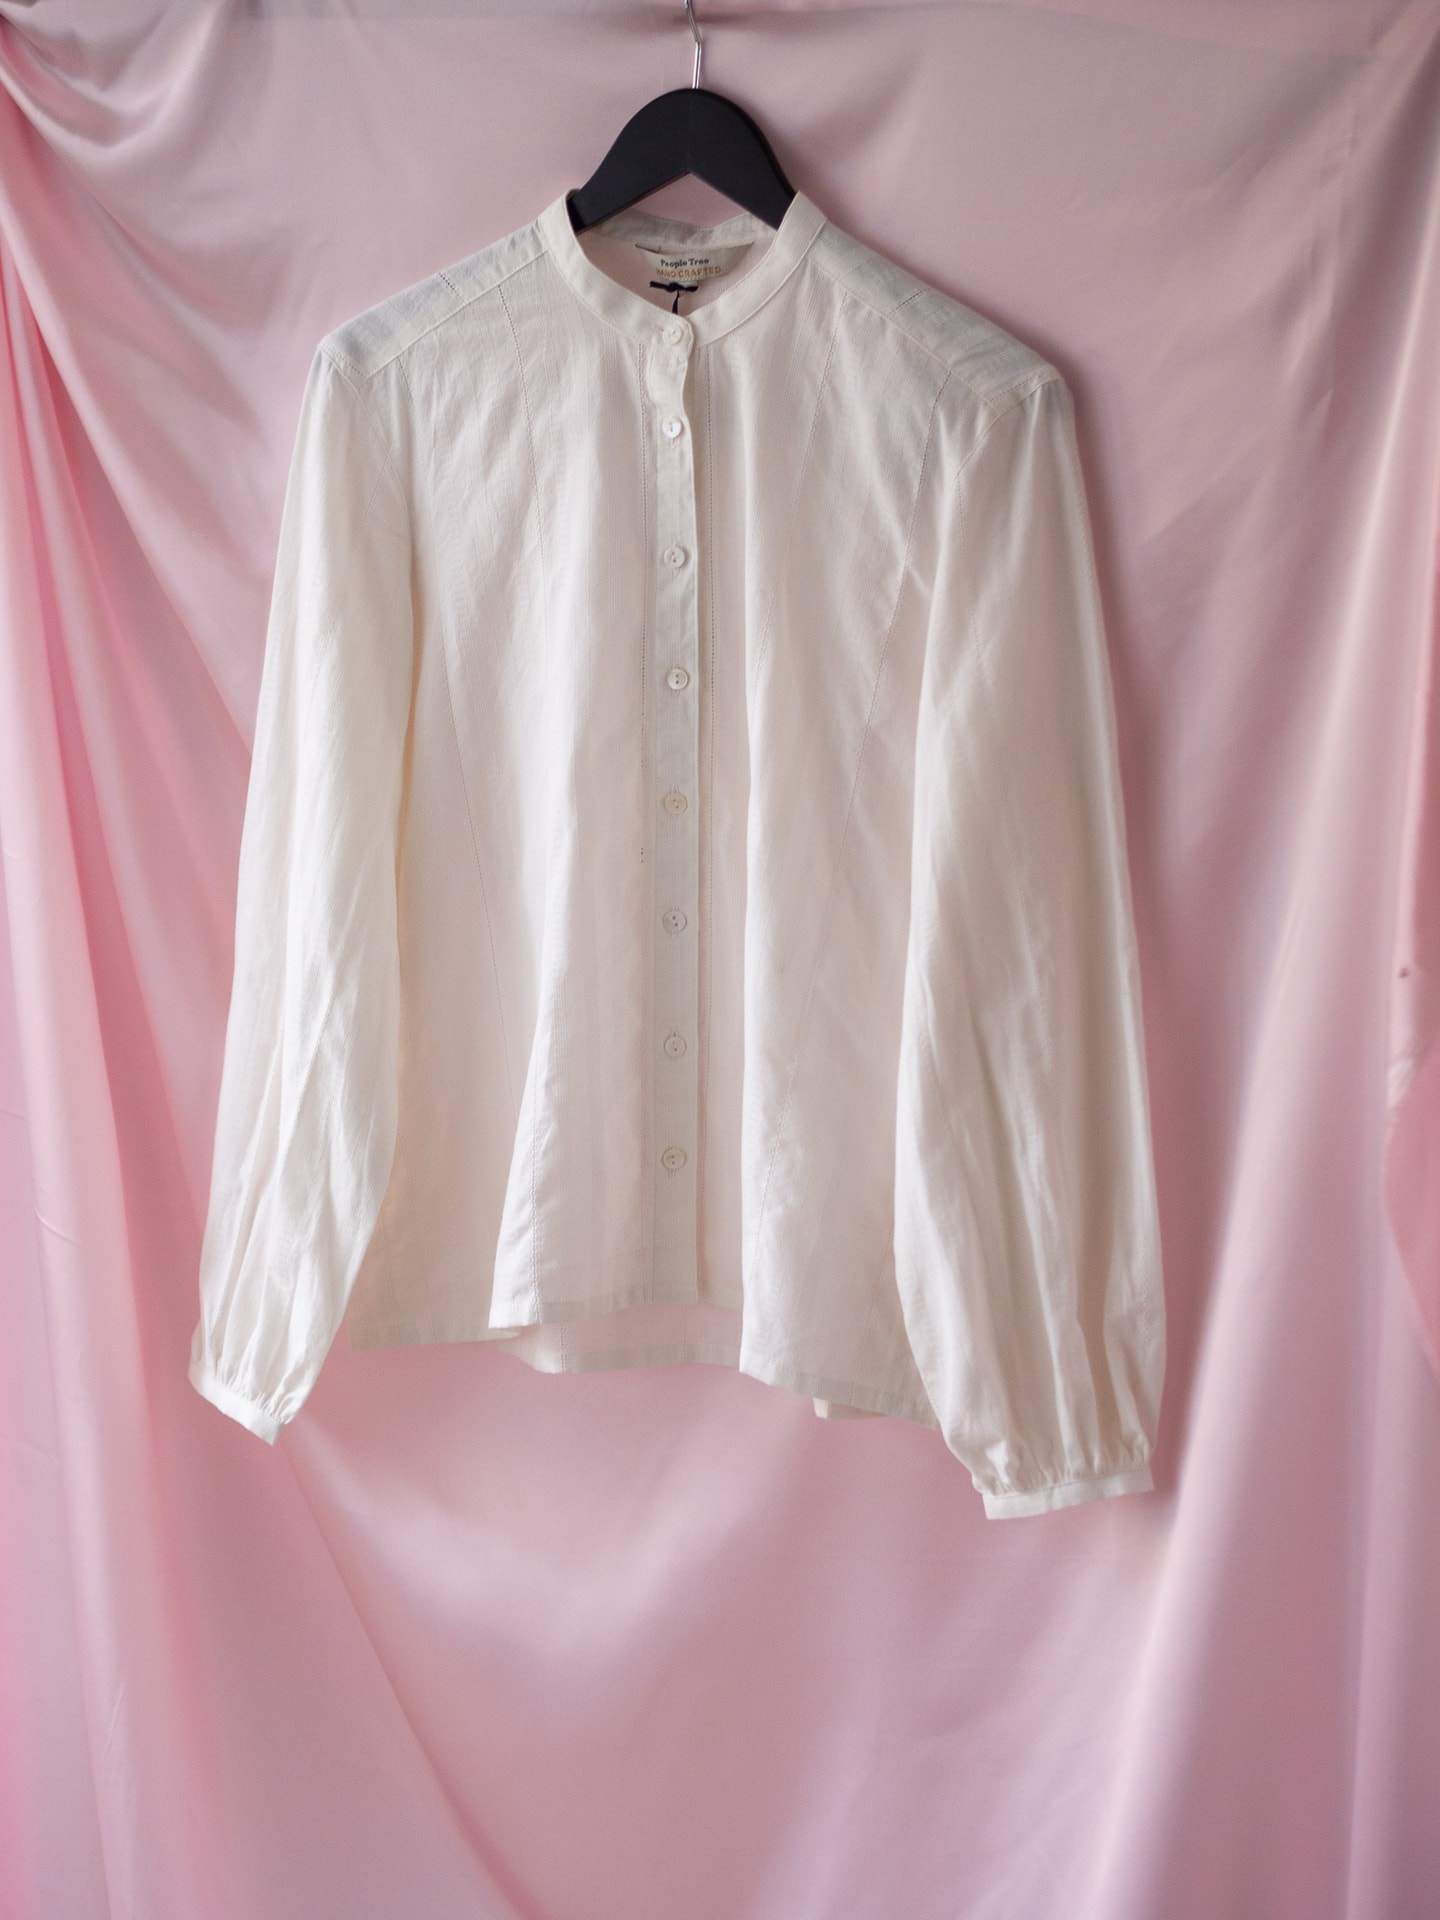 Bonnie blouse